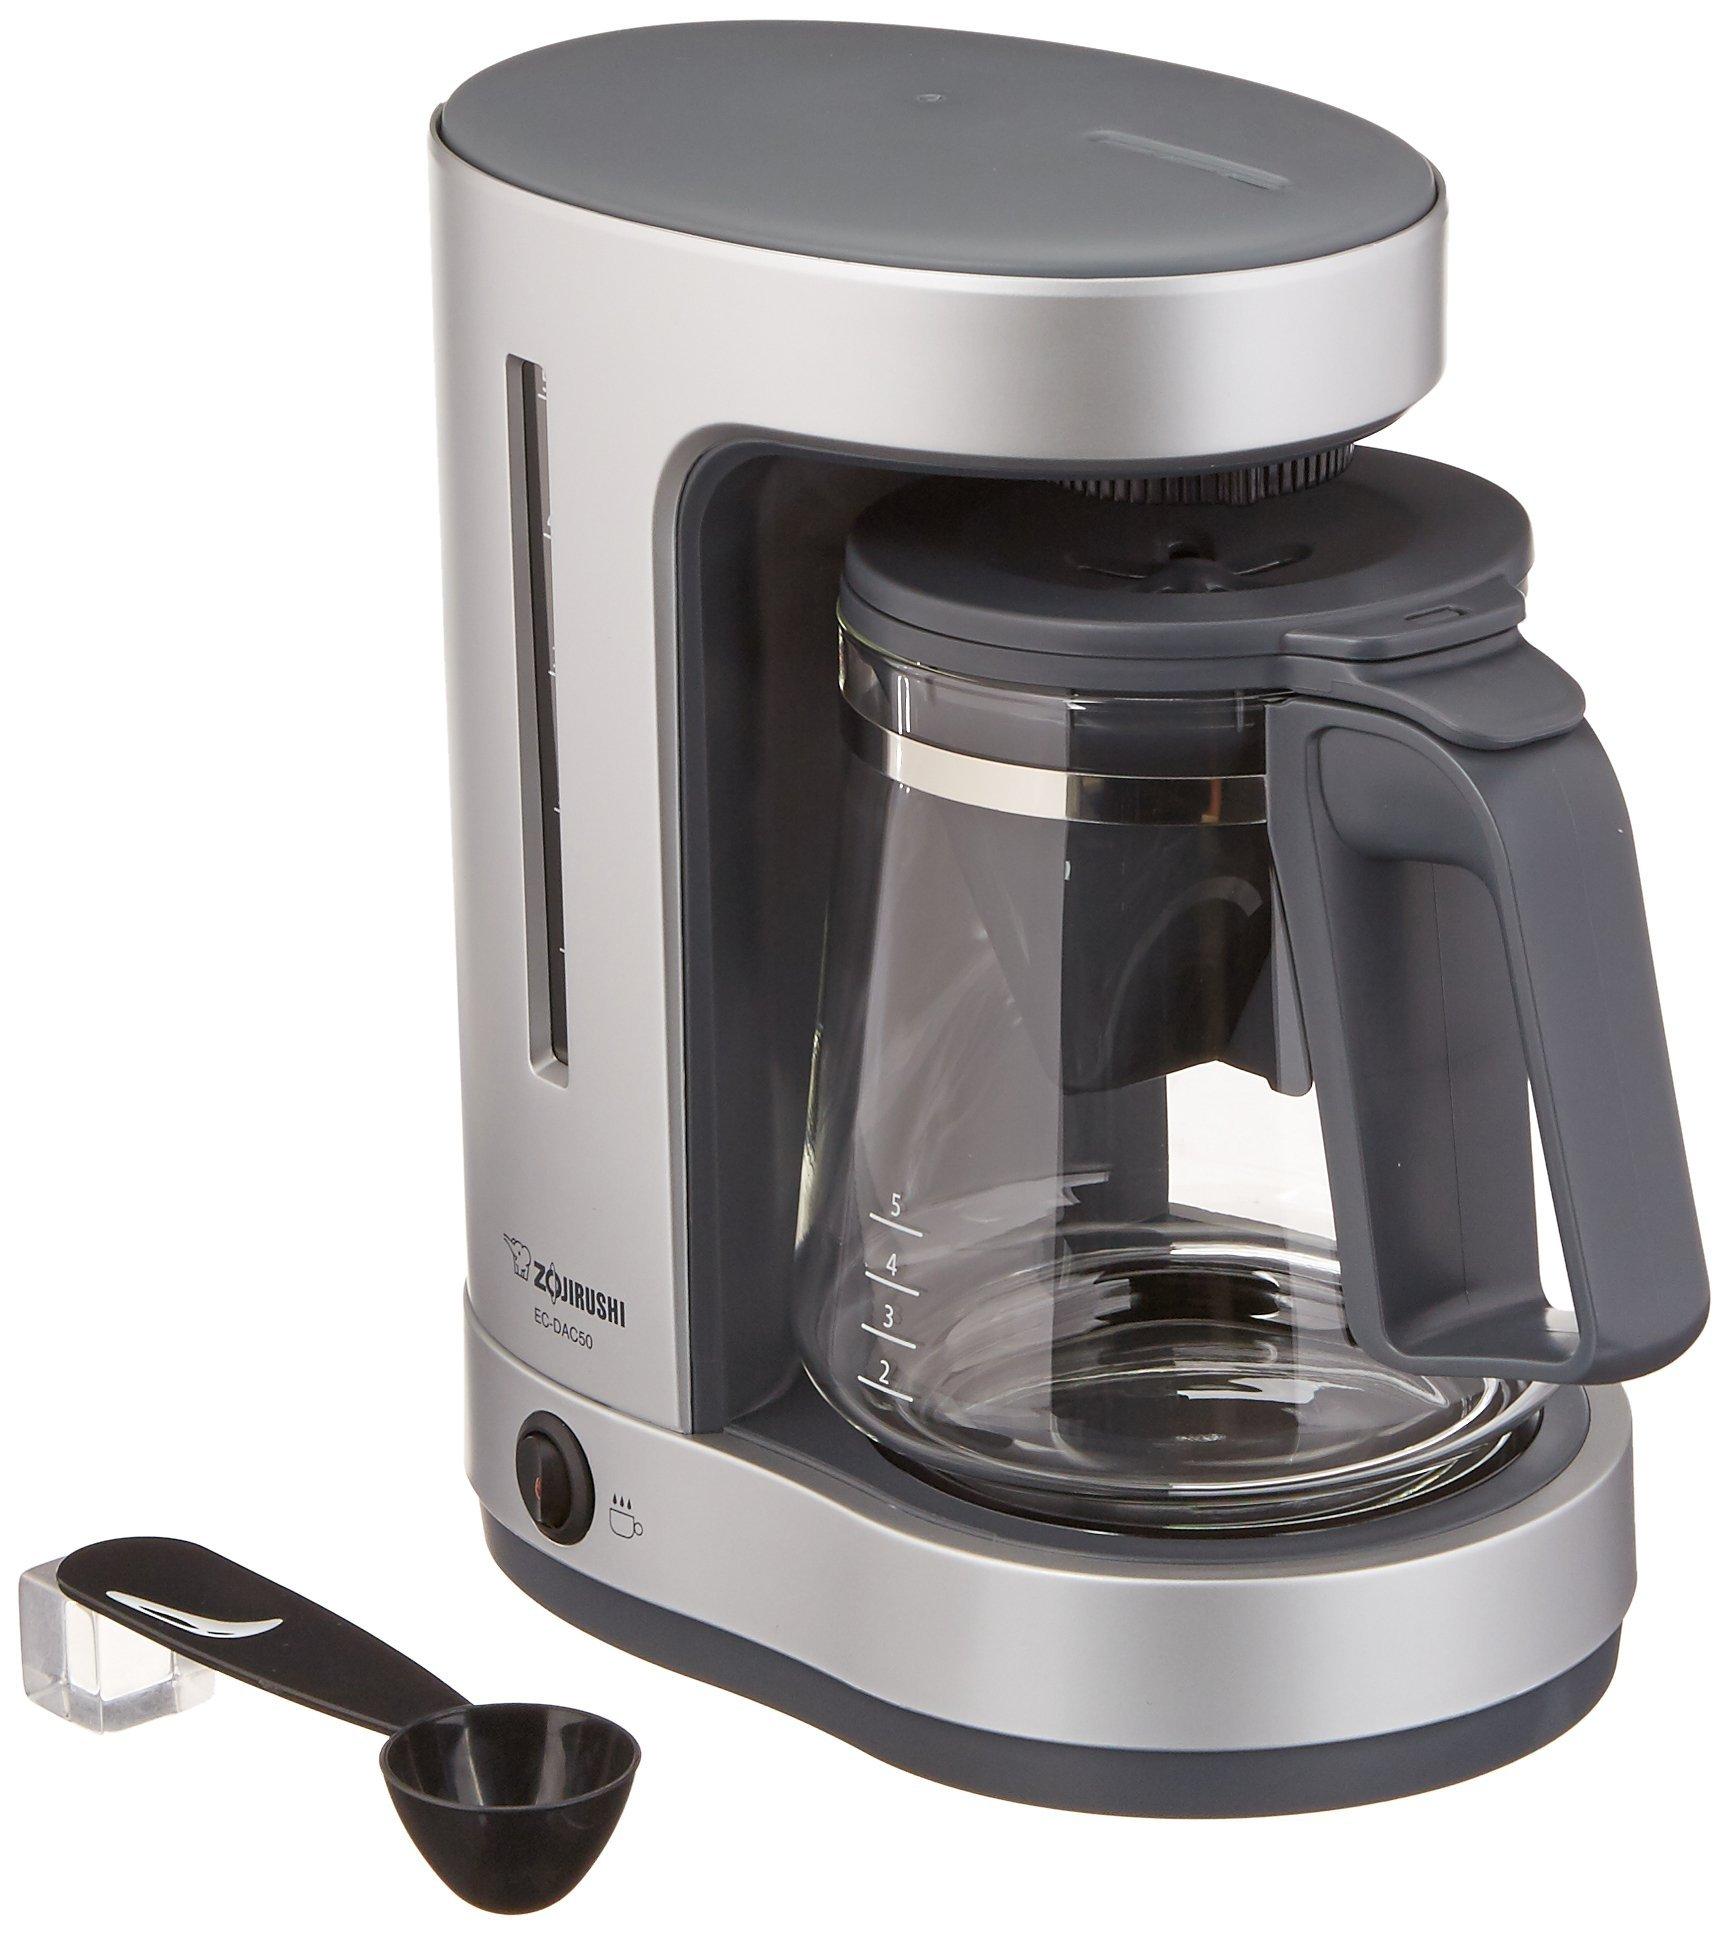 Zojirushi EC DAC50 Zutto 5 Cup Coffeemaker